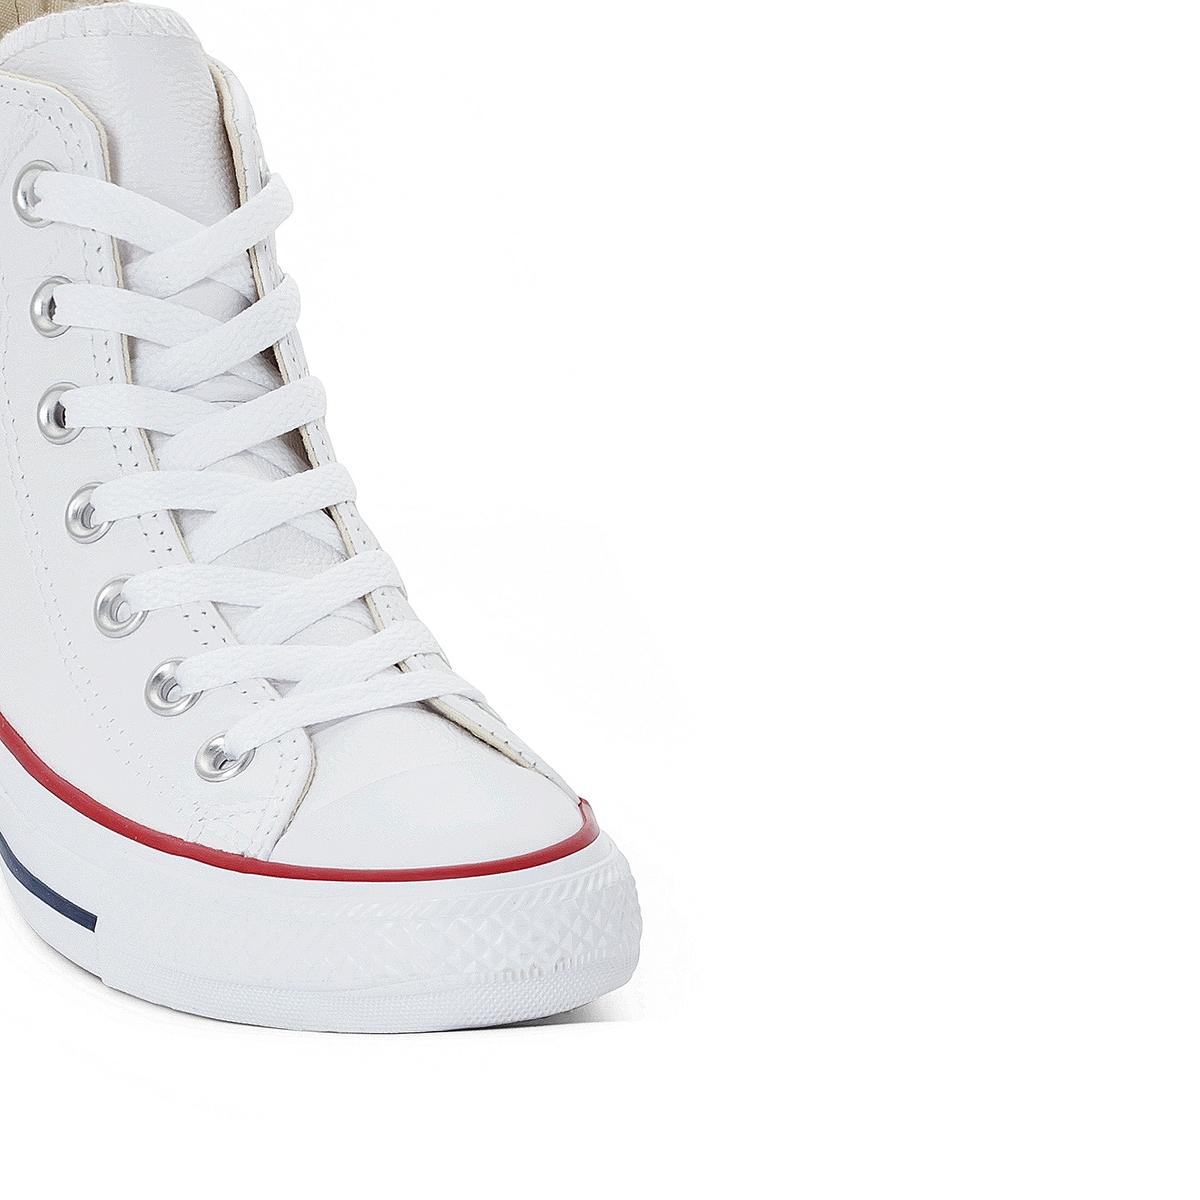 Imagen secundaria de producto de Zapatillas de caña alta CTAS Hi piel - Converse